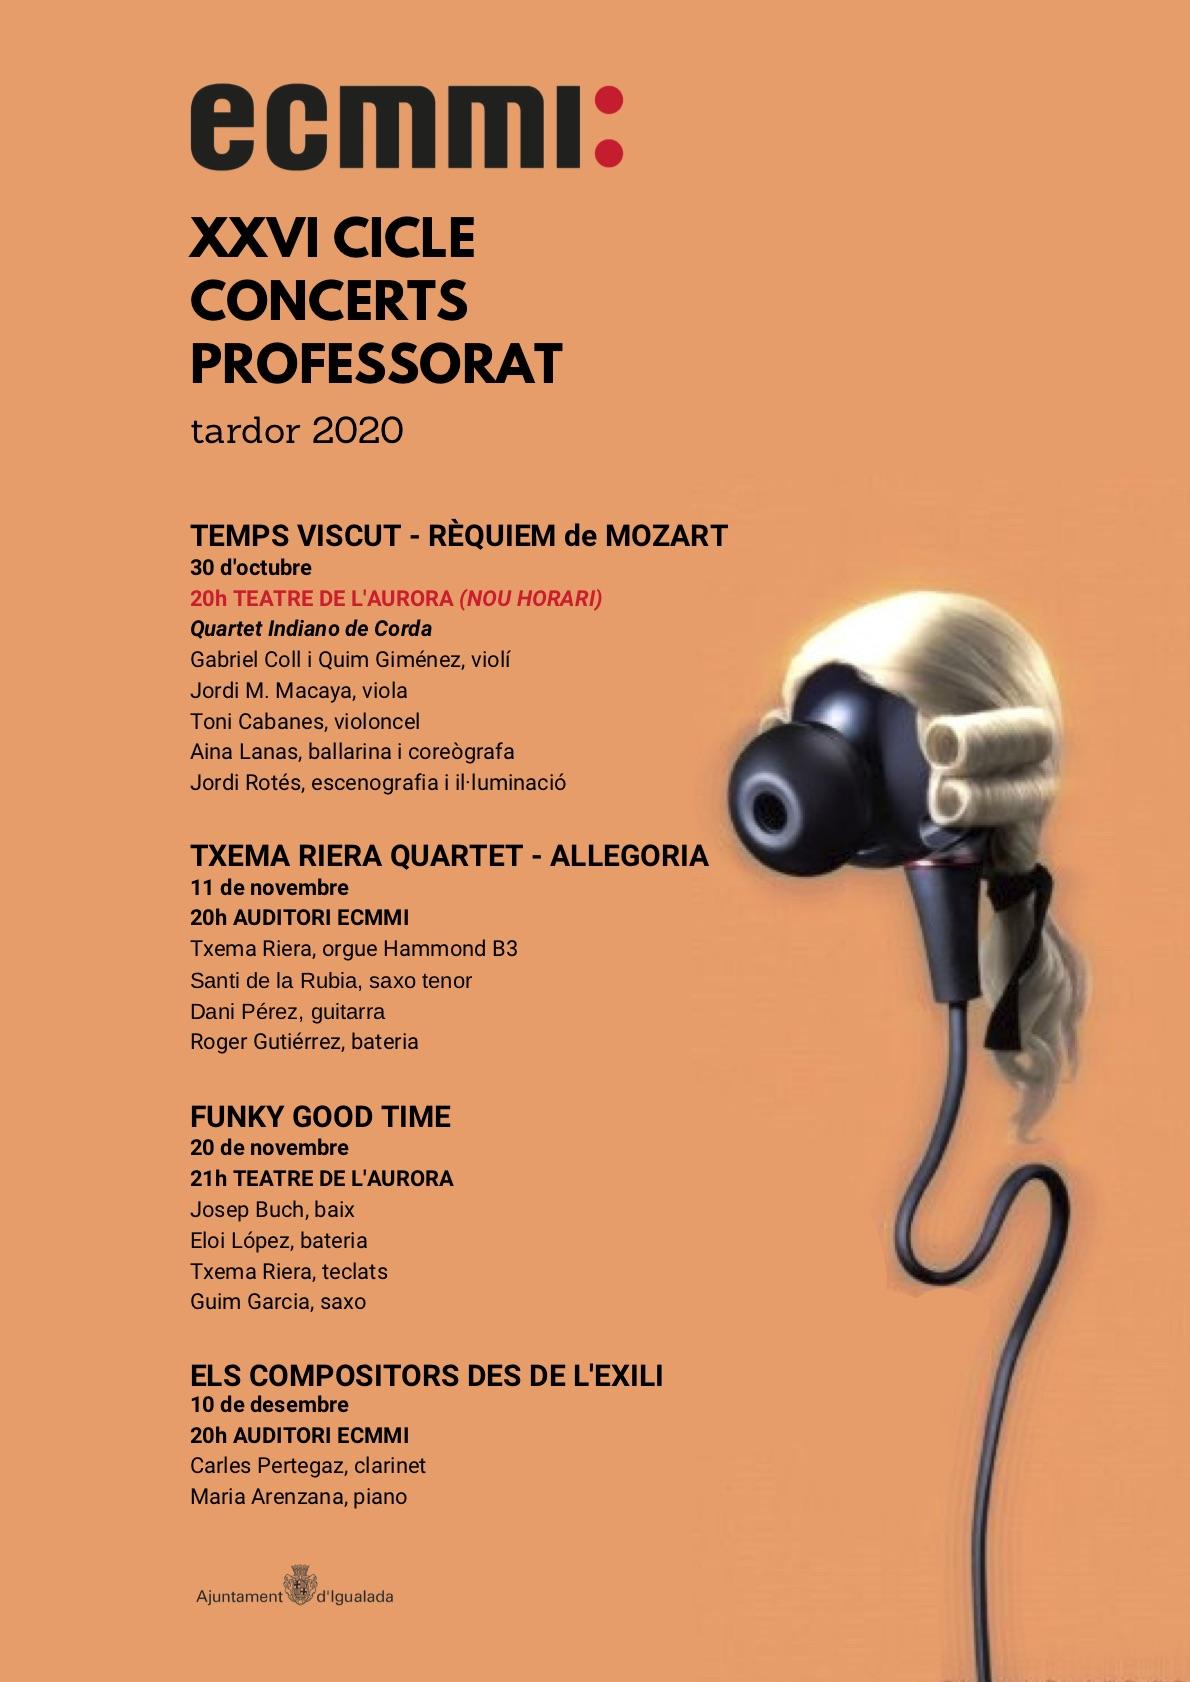 Arriba el Cicle de Concerts de Professorat!